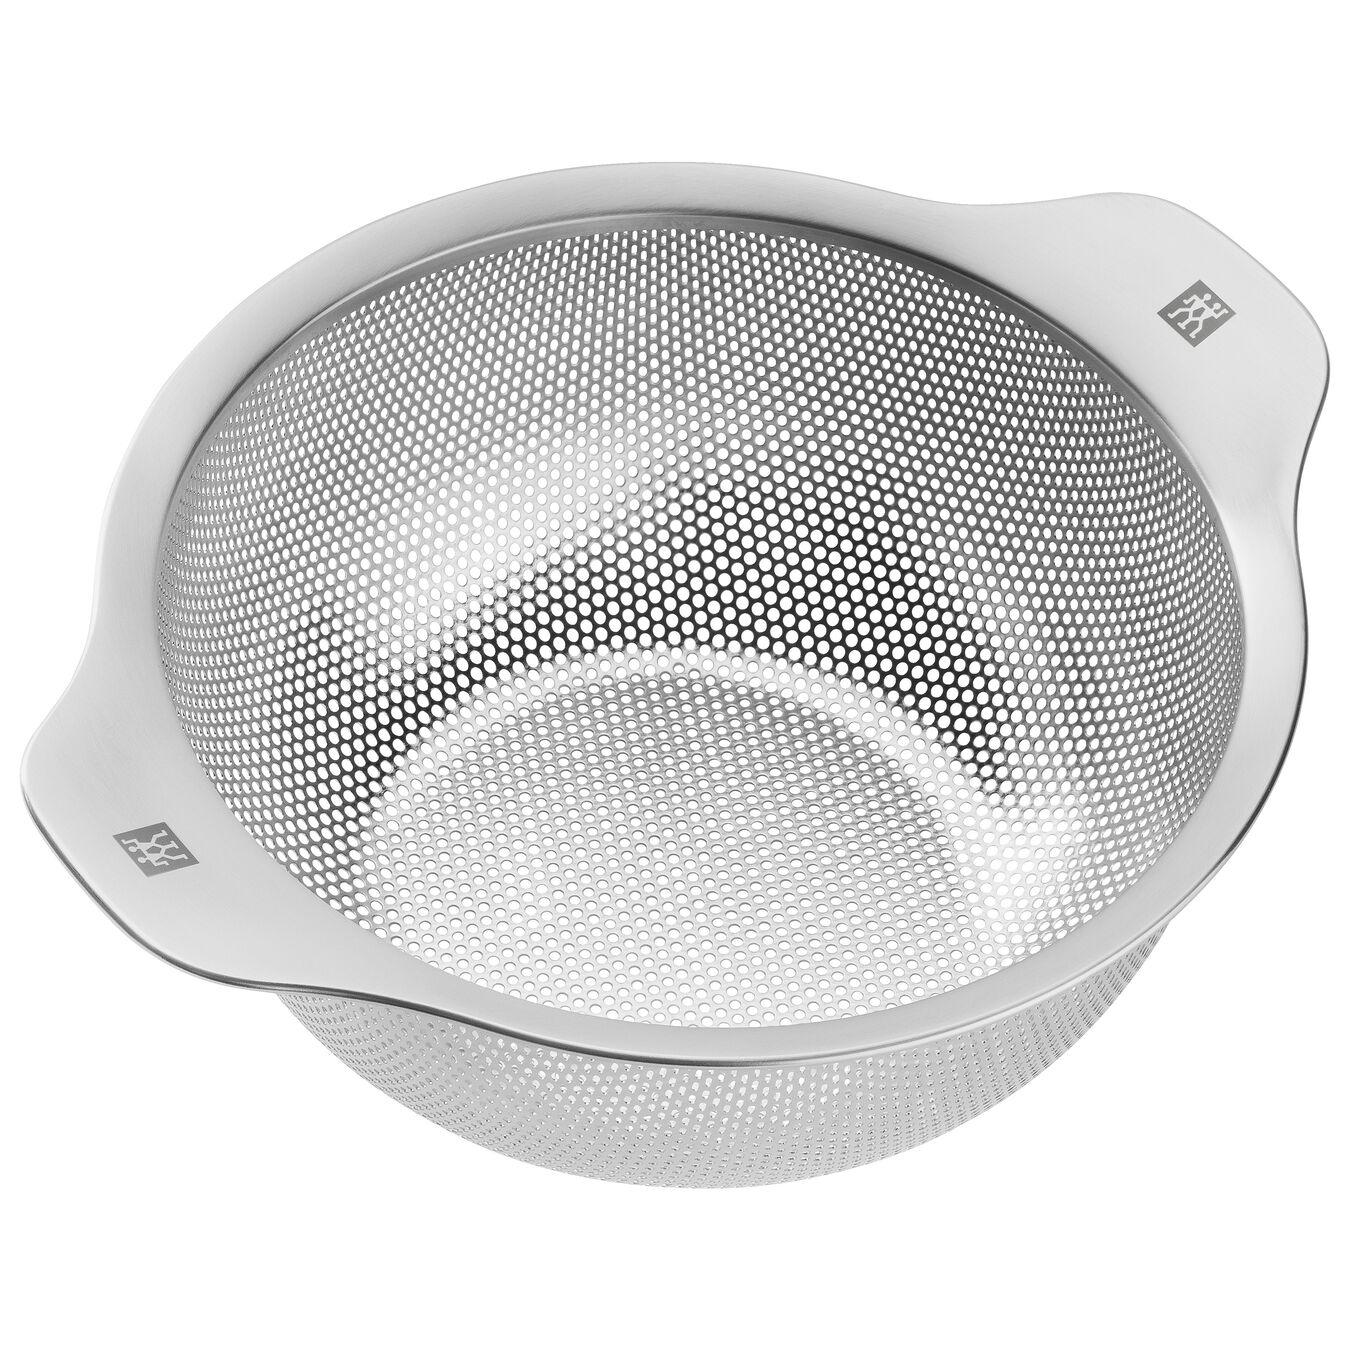 Scolapasta - 20 cm, acciaio,,large 2